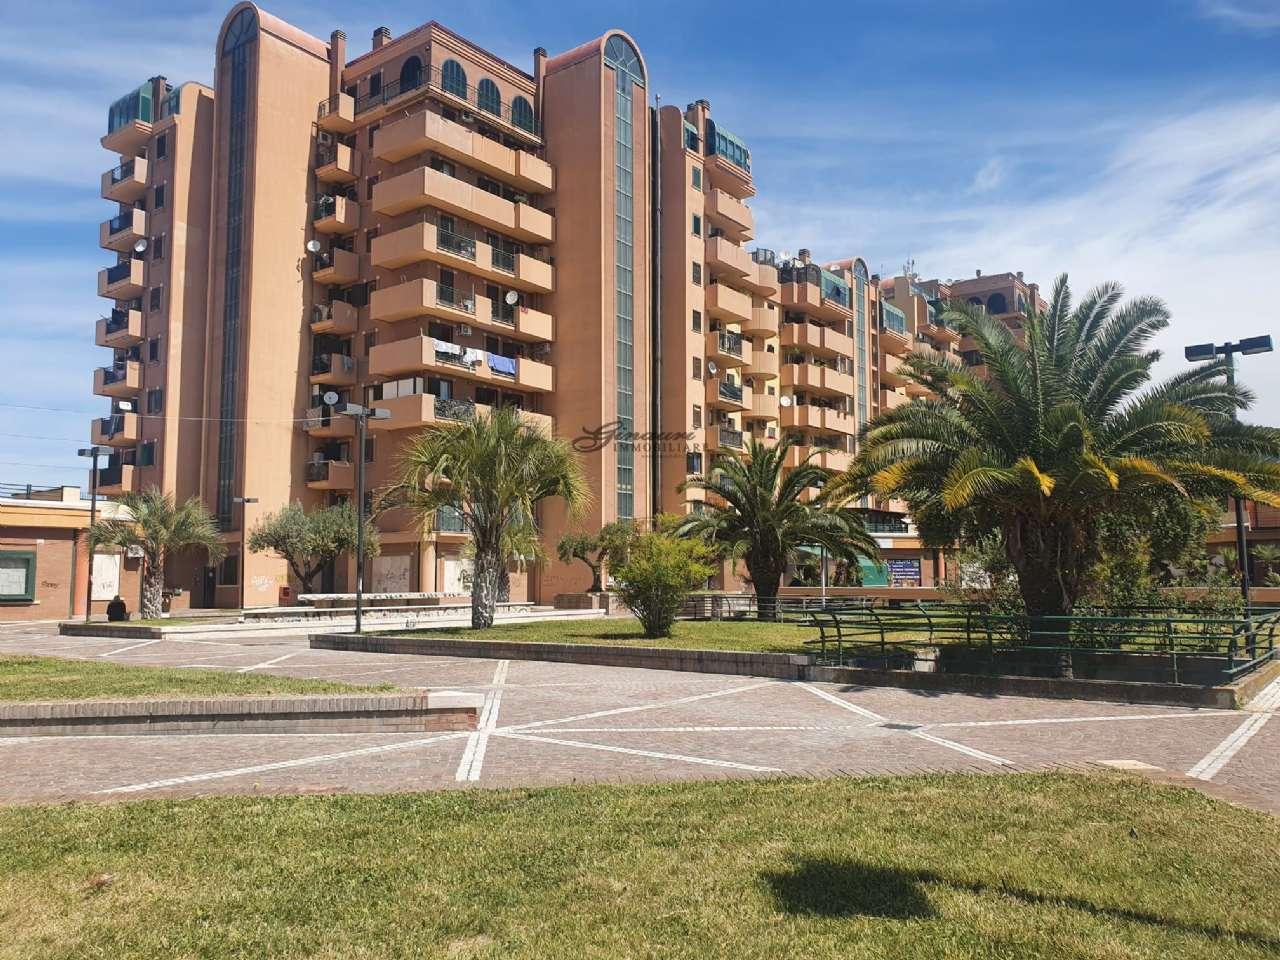 Appartamento in vendita a Tivoli, 3 locali, prezzo € 123.000   PortaleAgenzieImmobiliari.it